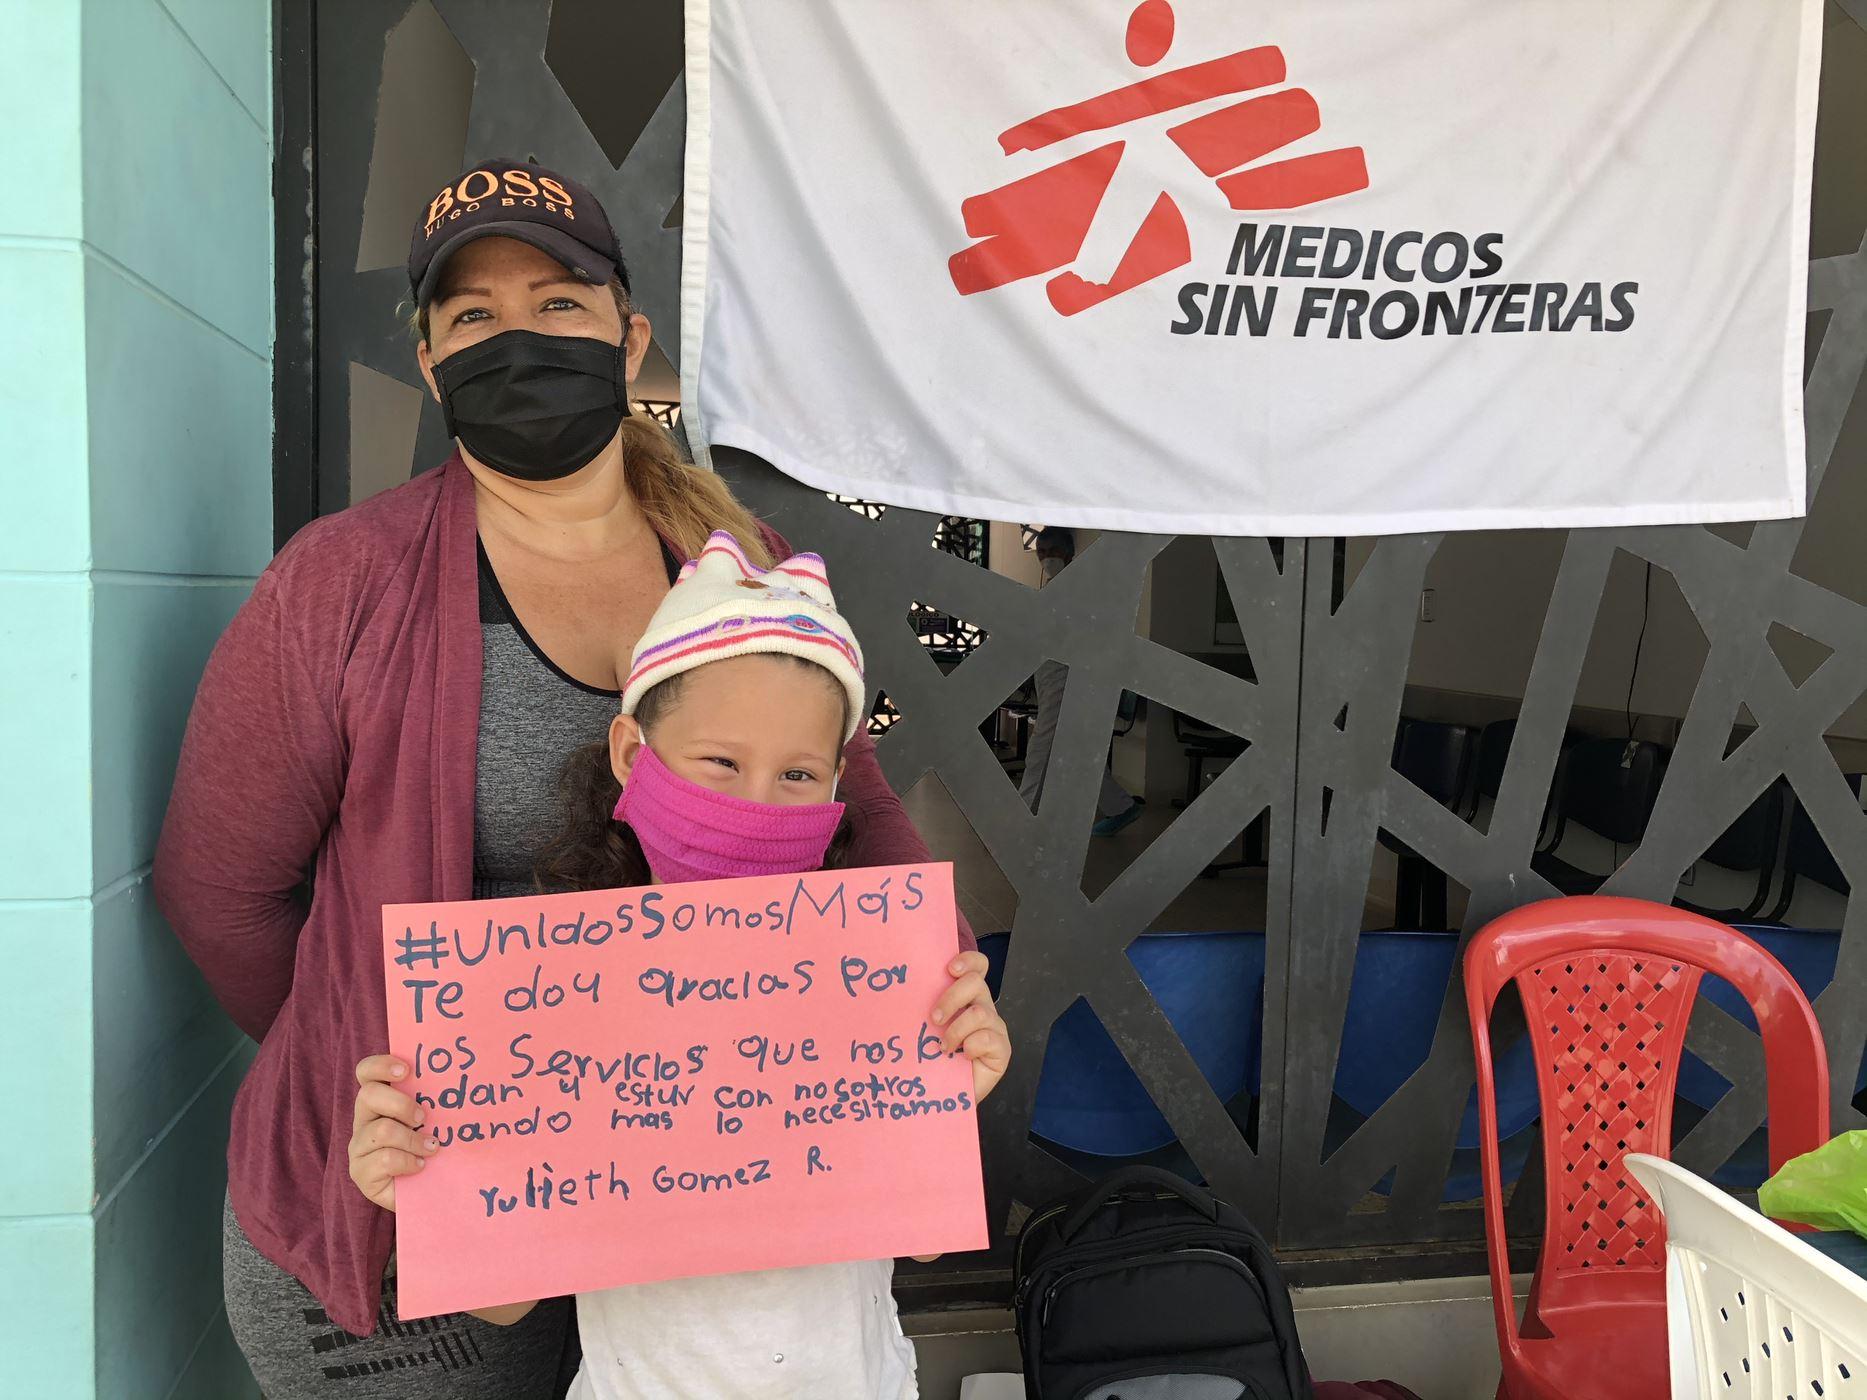 Desinformação é um dos principais obstáculos para enfrentar a pandemia na Colômbia